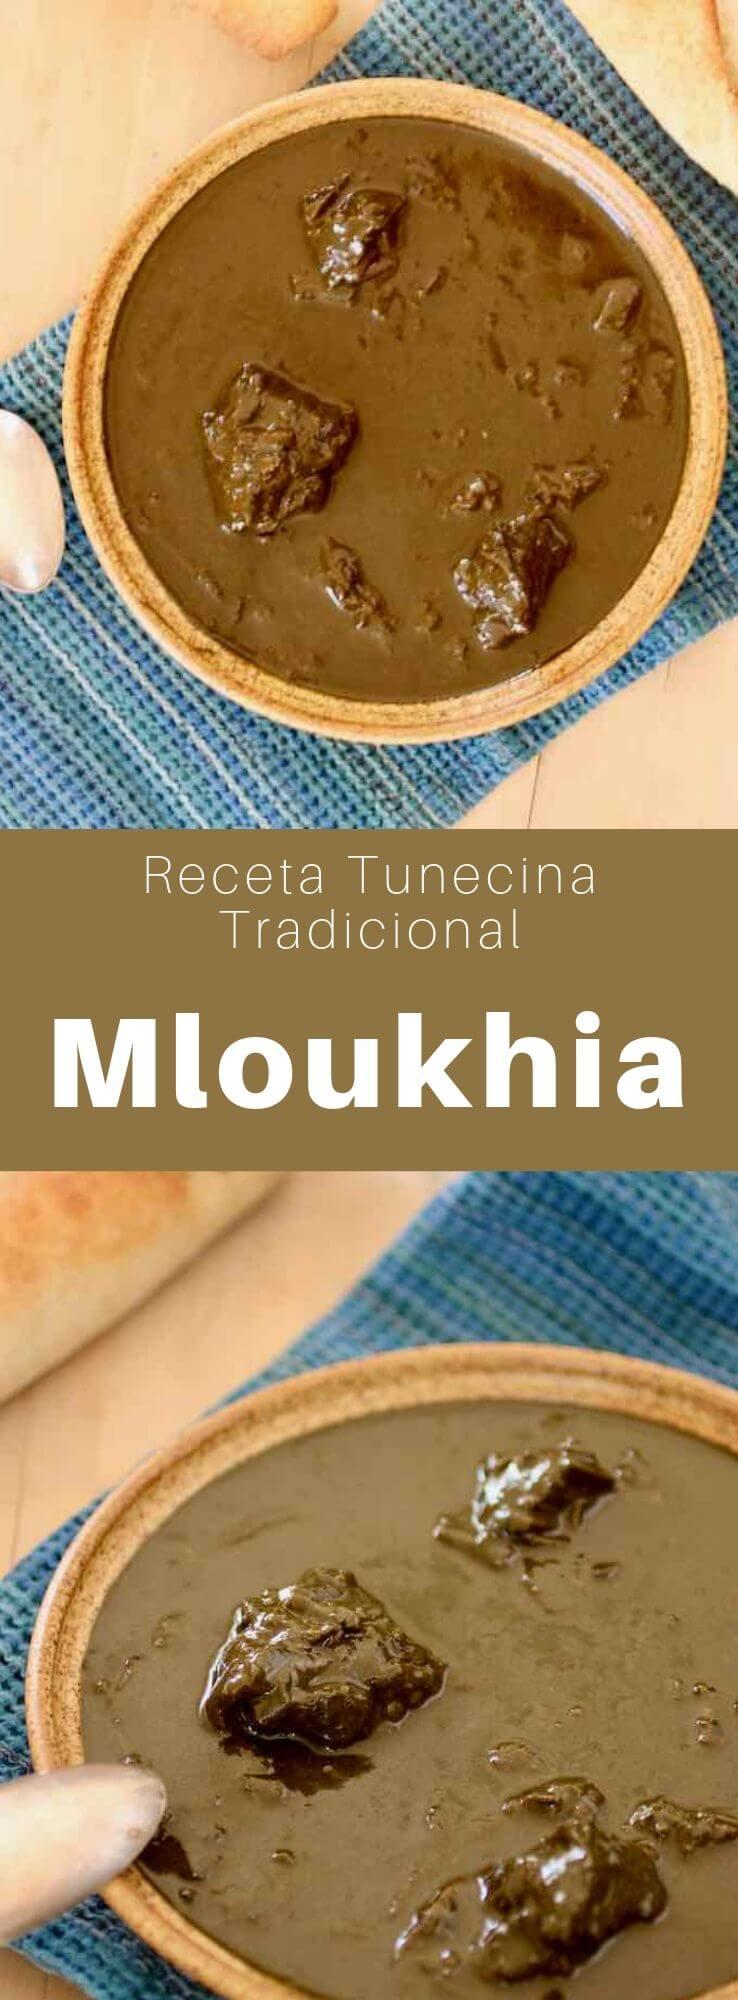 La mloukhia es un estofado tunecino tradicional preparado con malva judía seca y carne de res que, generalmente, se come con pan tunecino italiano.